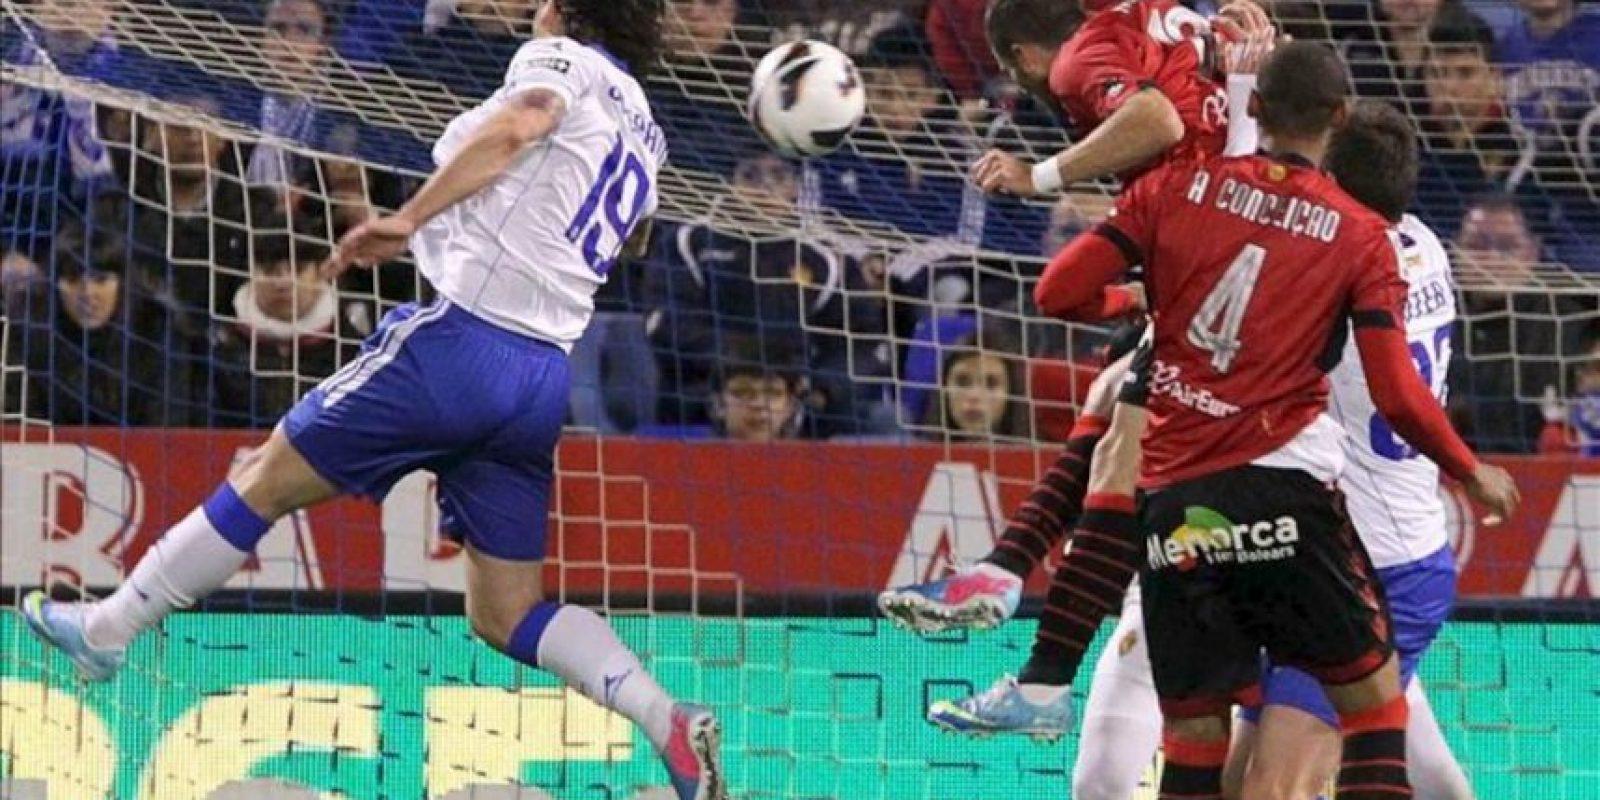 El delantero israelí del Real Mallorca, Tomed Hemed (3d) cabecea a puerta para conseguir el primer gol de su equipo frente al Real Mallorca durante el partido, correspondiente a la jornada trigésimo tercera de Liga en Primera División, que los dos equipos disputaron en el estadio de La Romareda, en Zaragoza. EFE